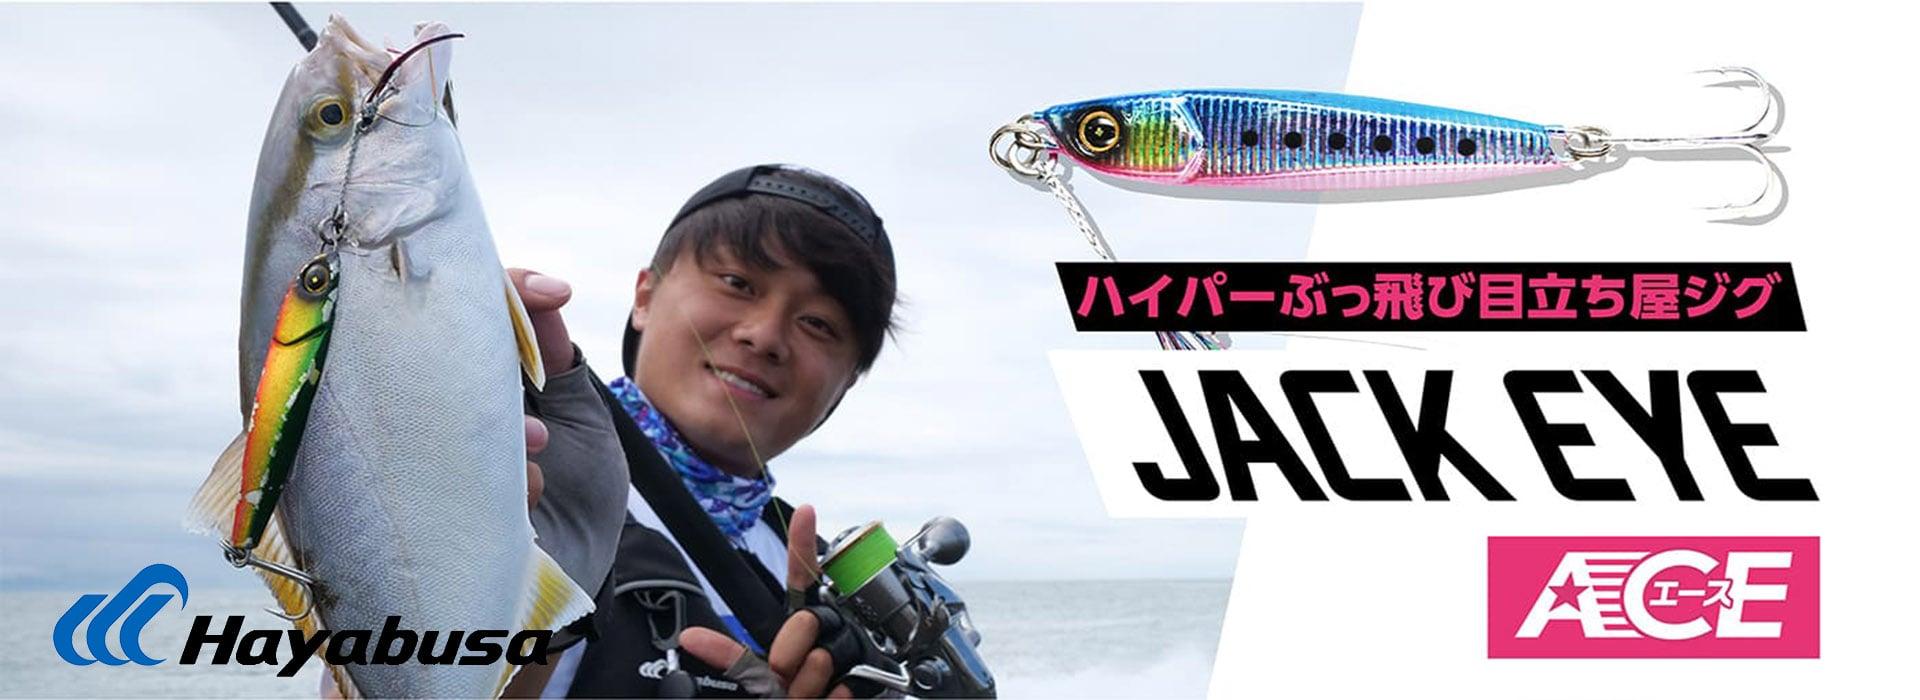 JACK_EYE_ace-min